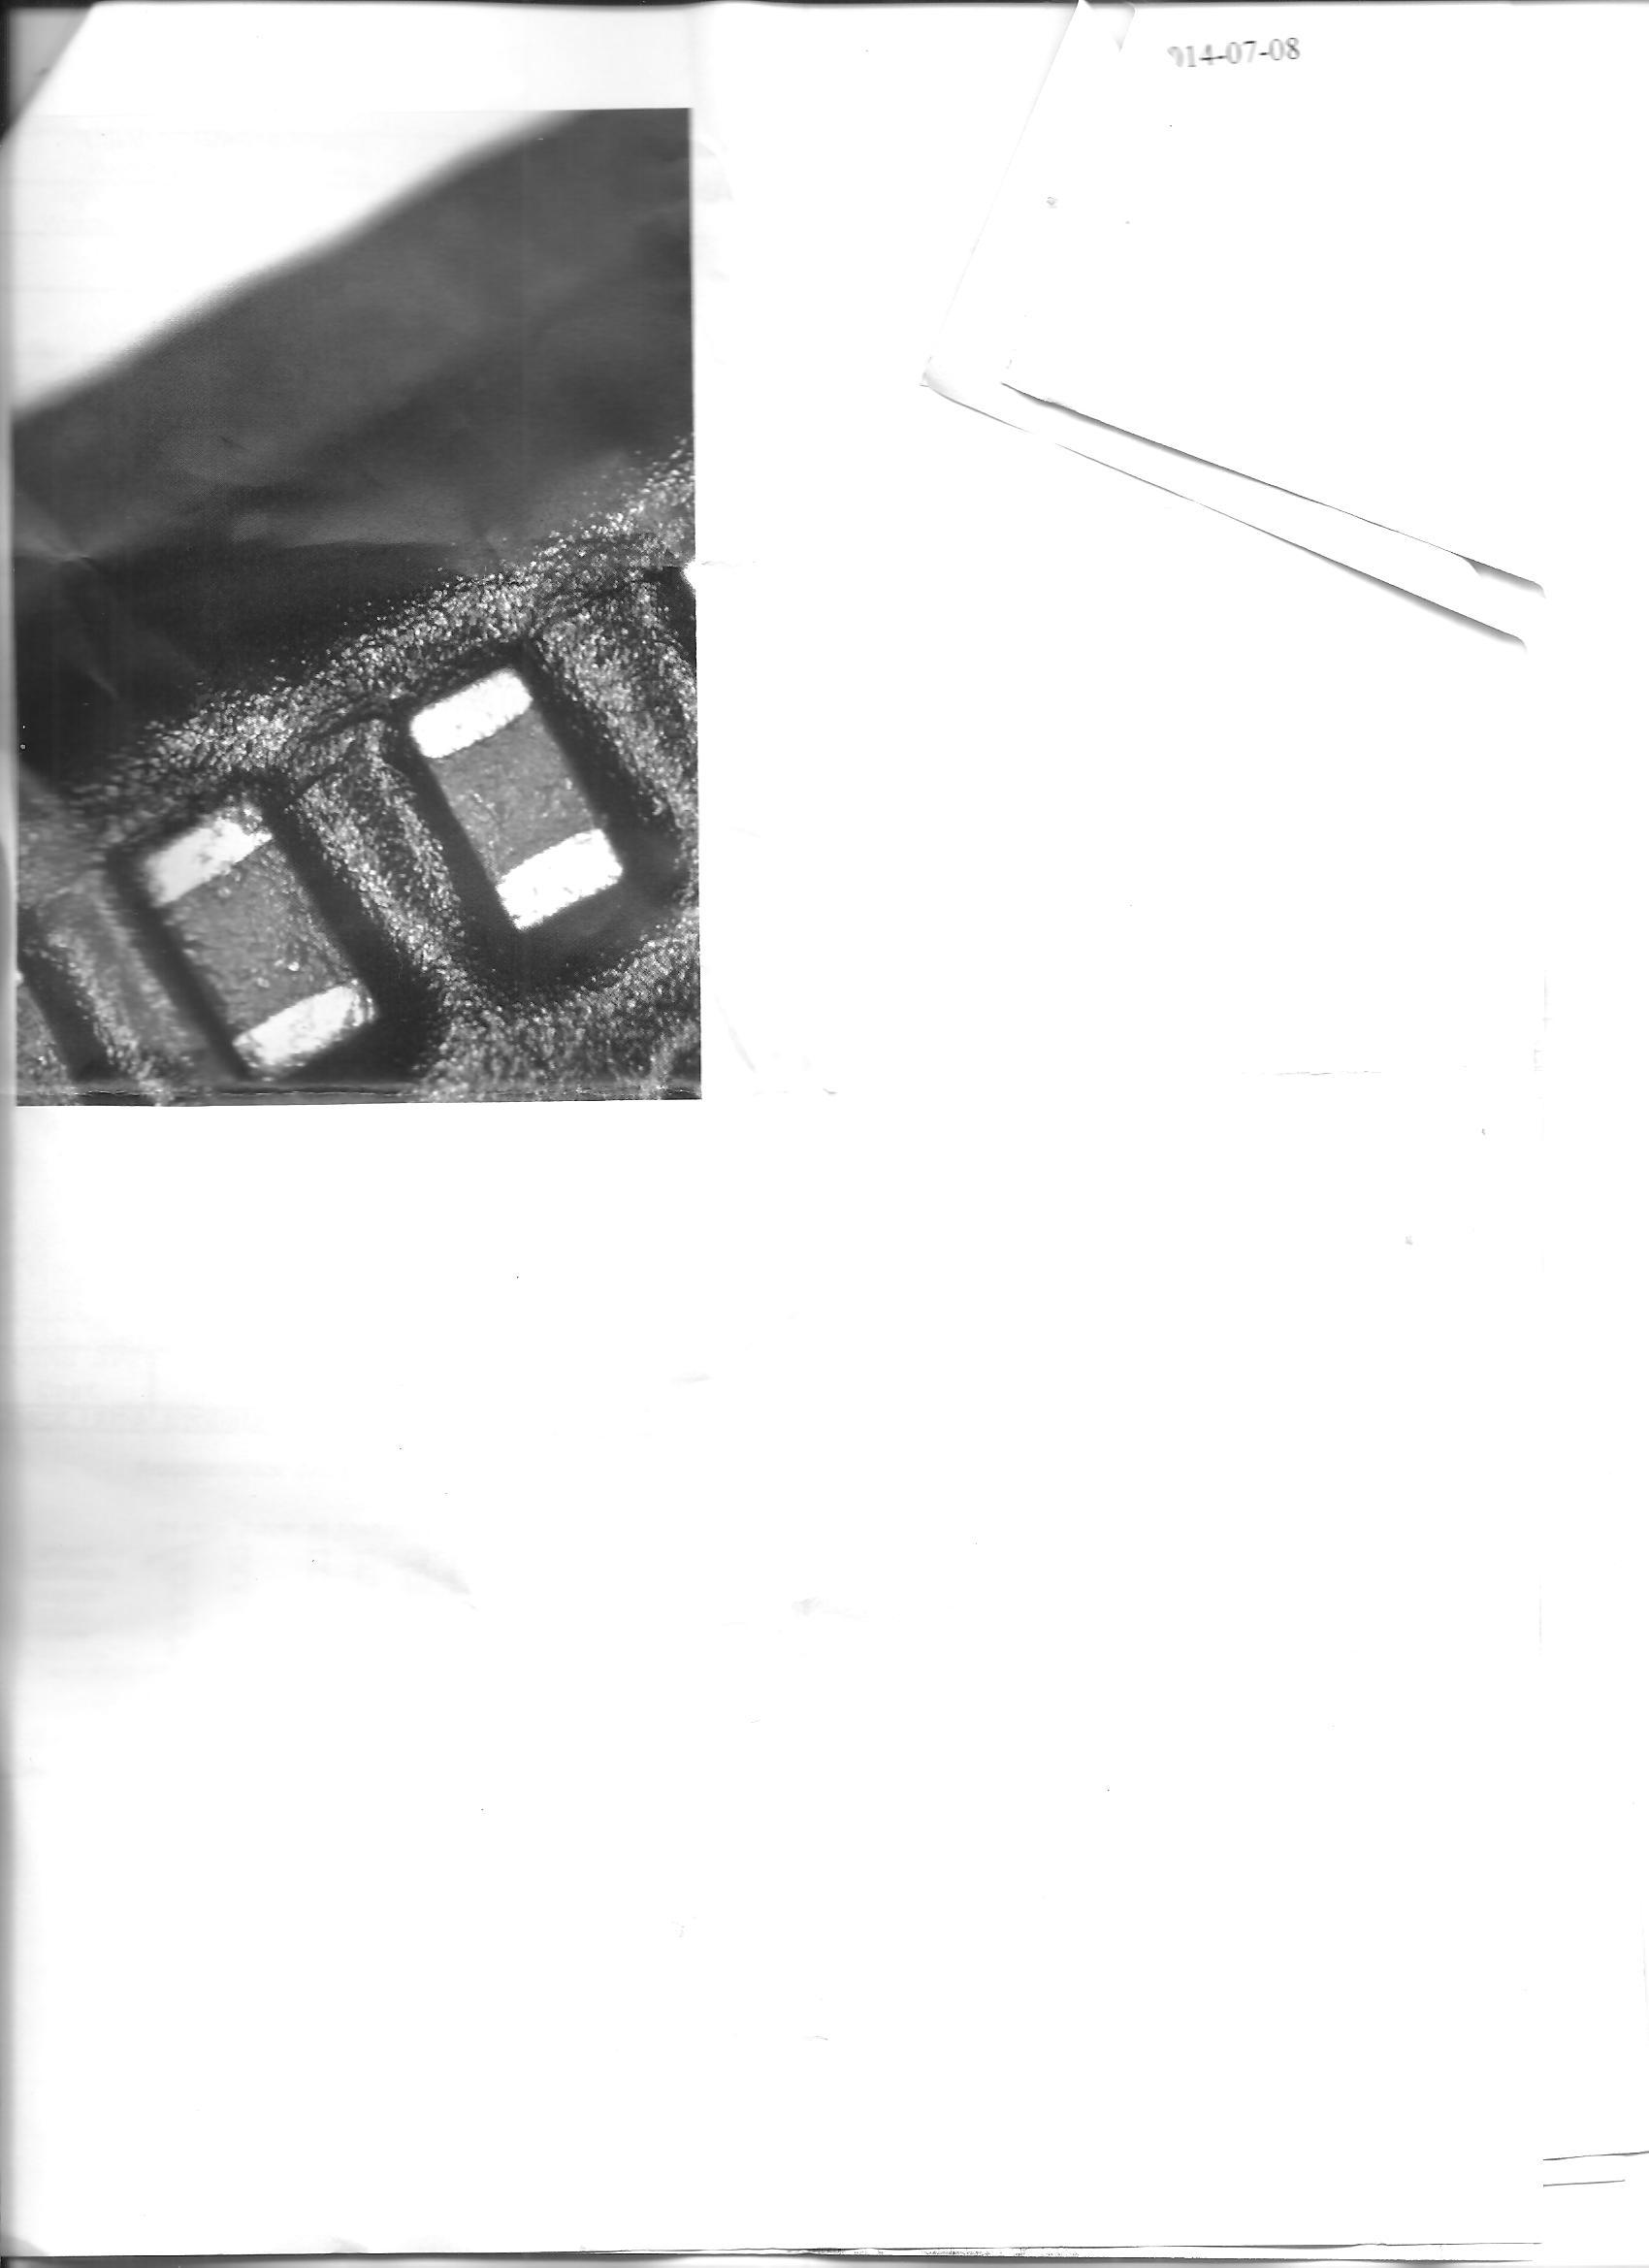 Mikrouszkodzenie na p�ycie g��wnej - LG L9